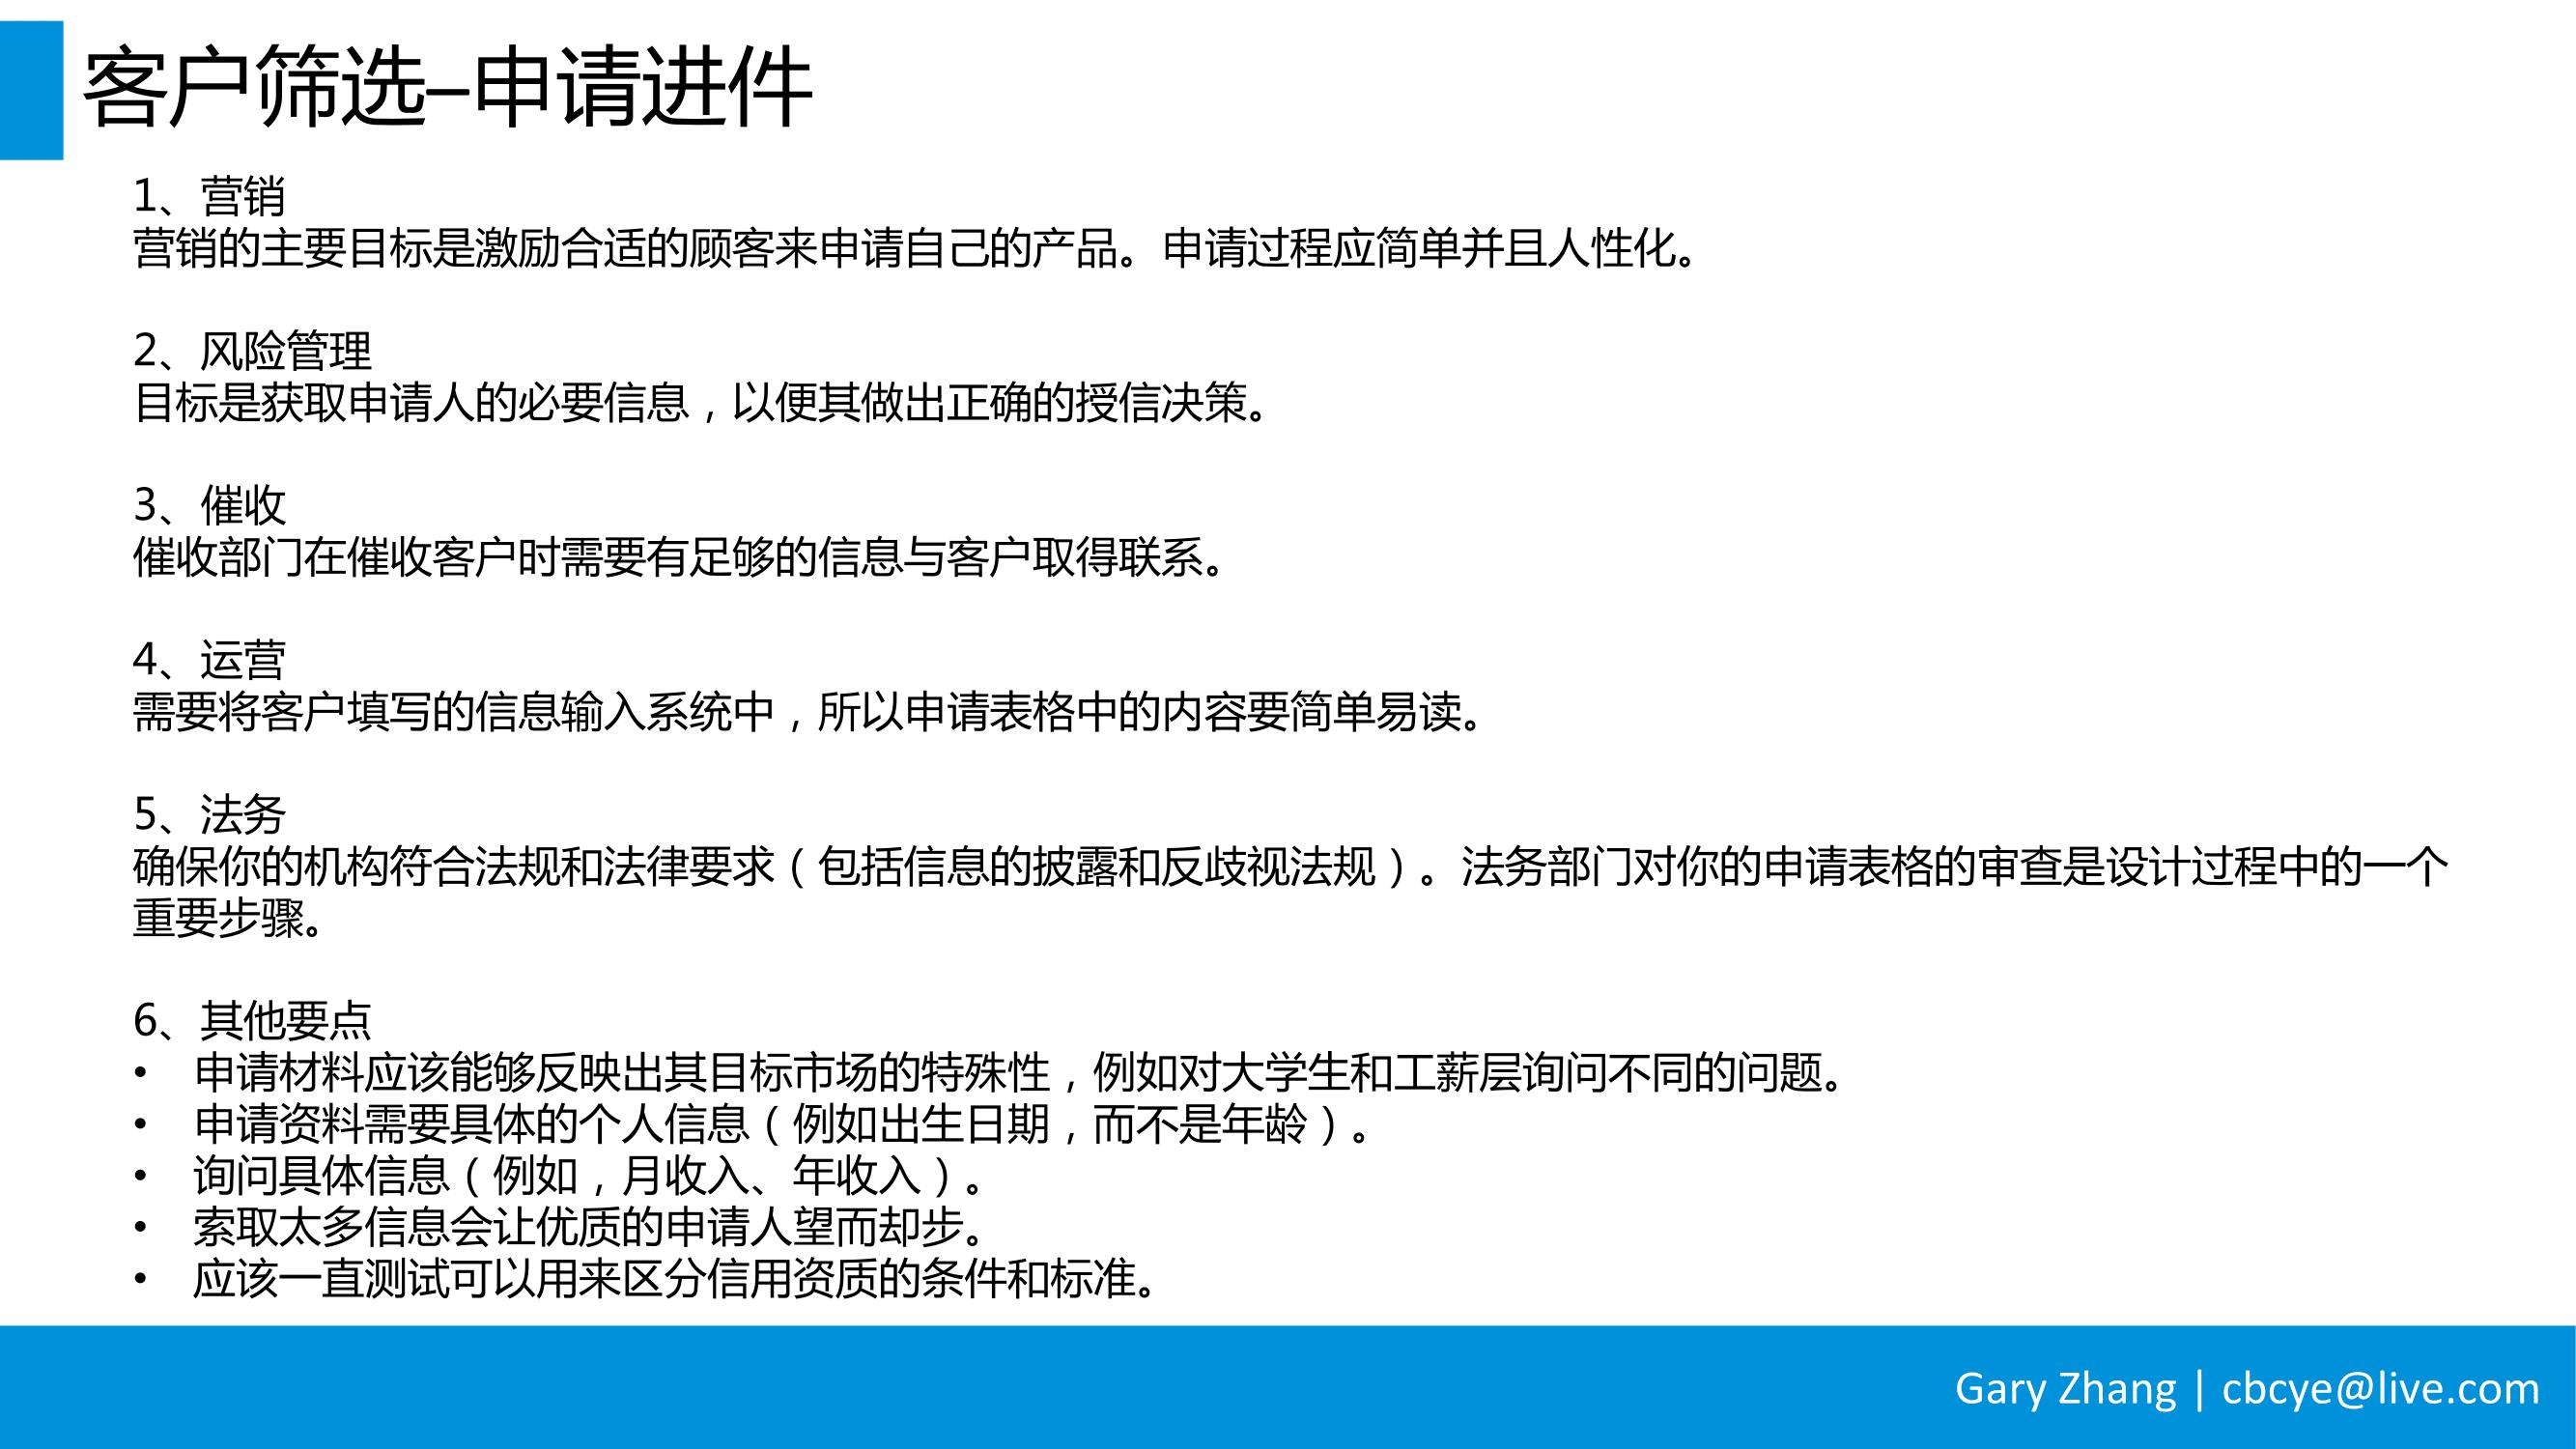 消费金融业务全流程指南_v1.0-038